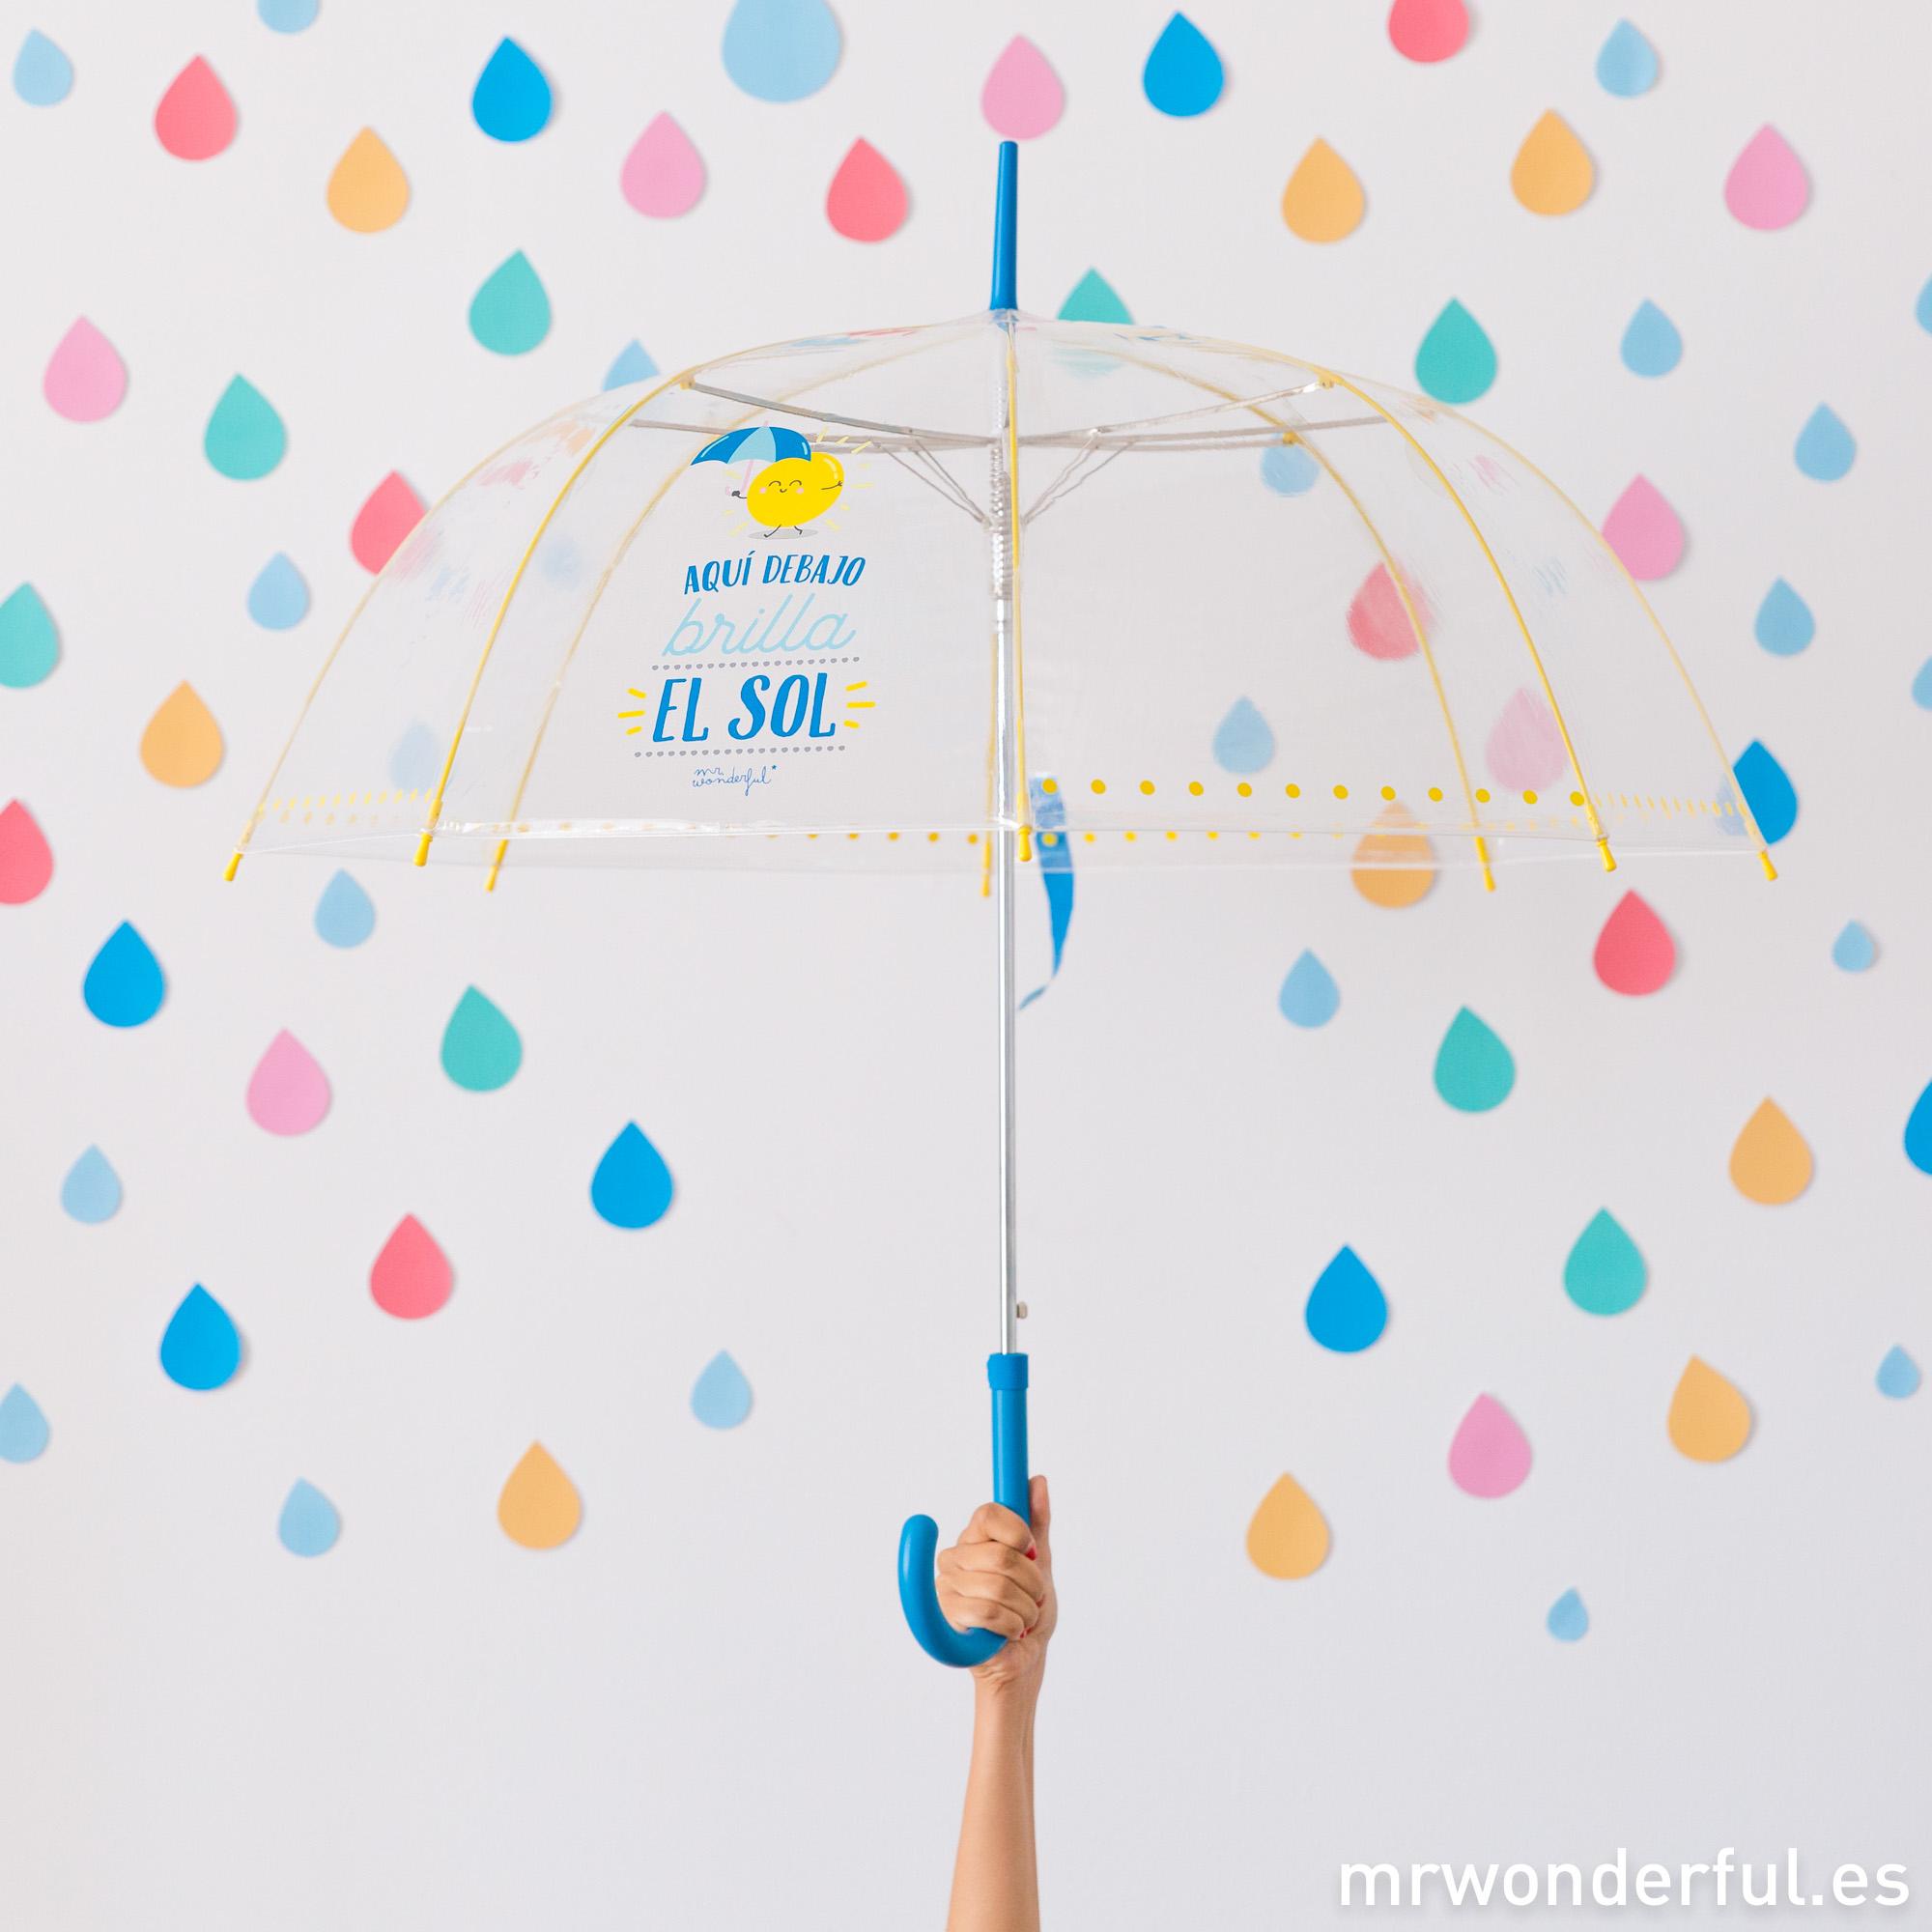 mrwonderful_8435460706841_paraguas_aqui-debajo-brilla-el-sol-ES-2